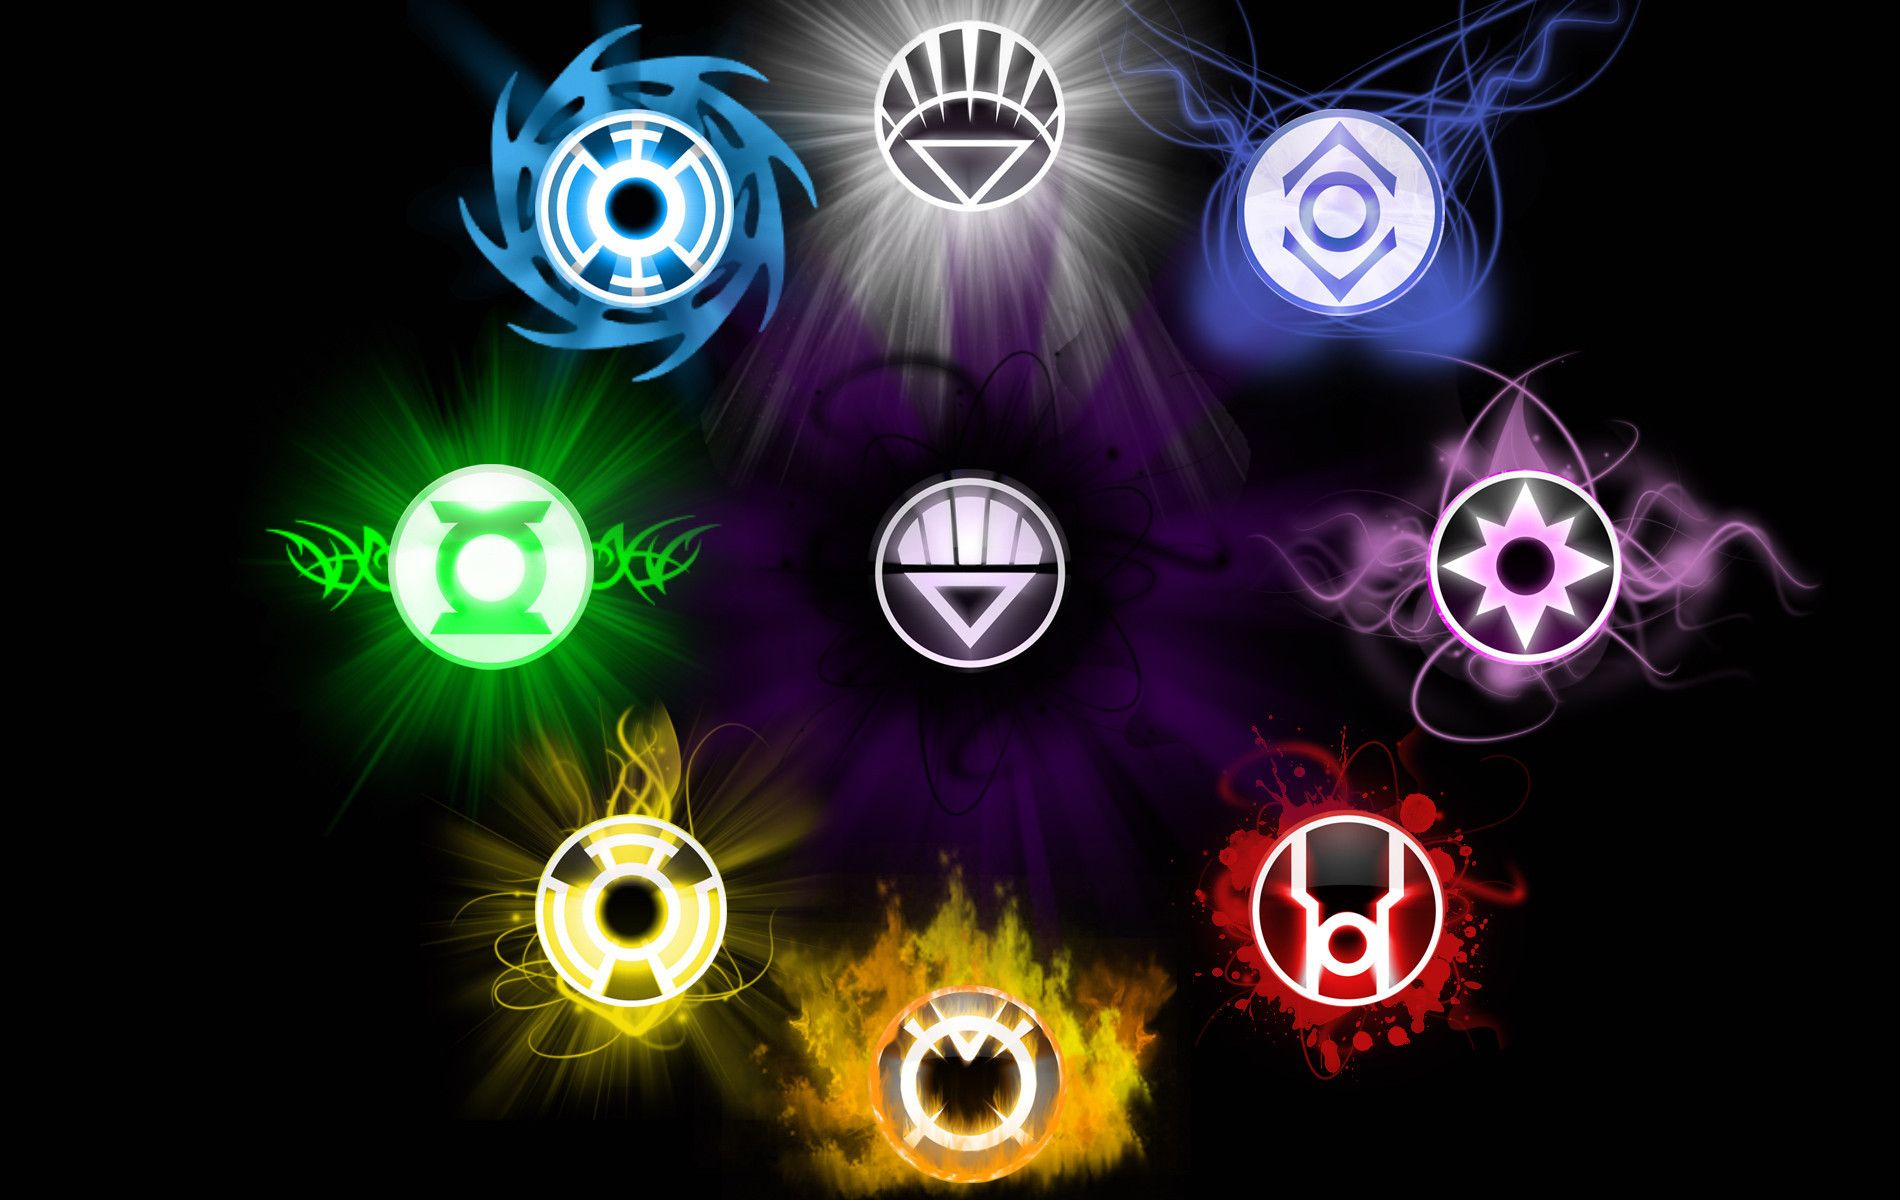 Lantern Corps Violet Lantern Indigo Tribe Red Lantern Yellow